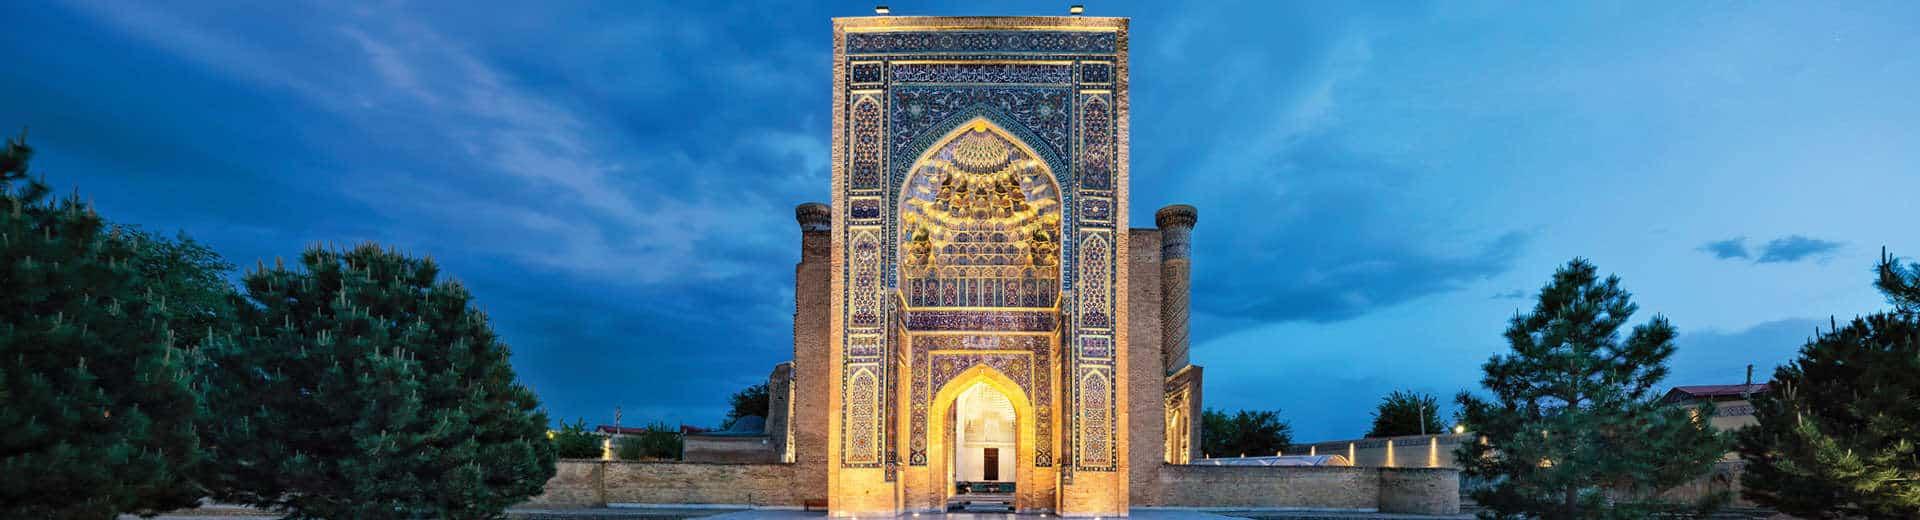 uzbekistan mausoleum